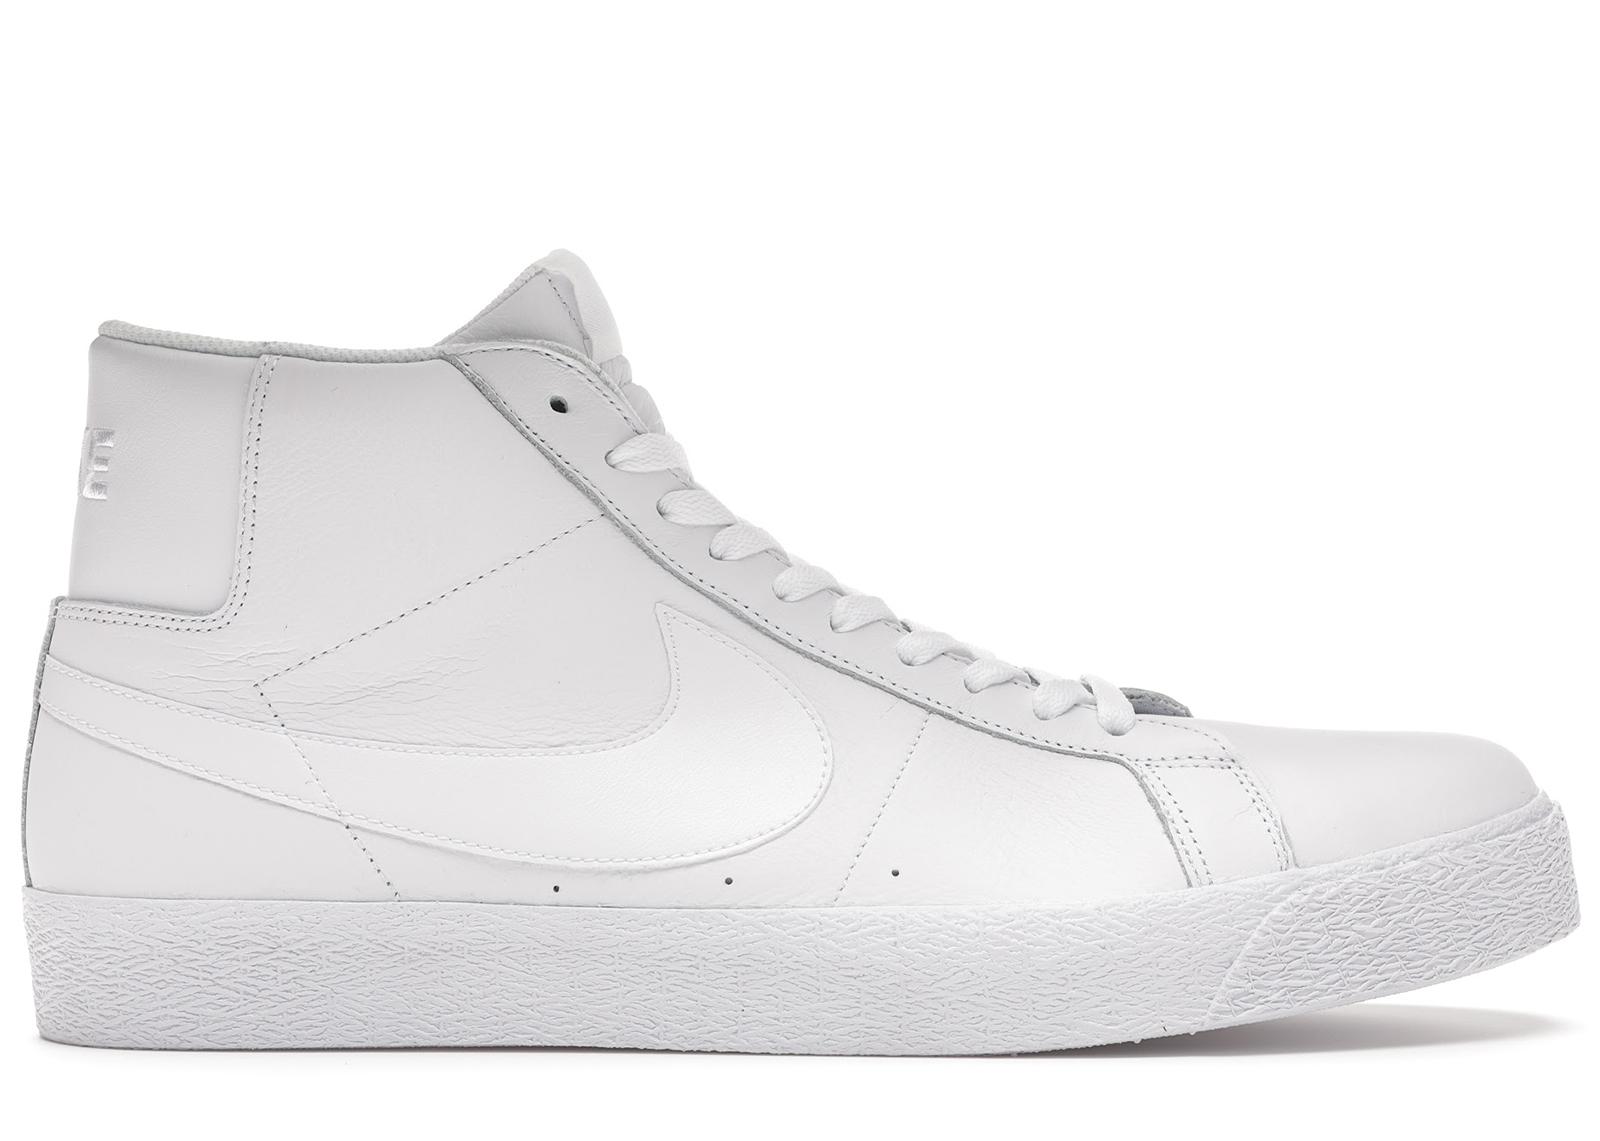 Nike SB Zoom Blazer Mid Triple White - 864349-105